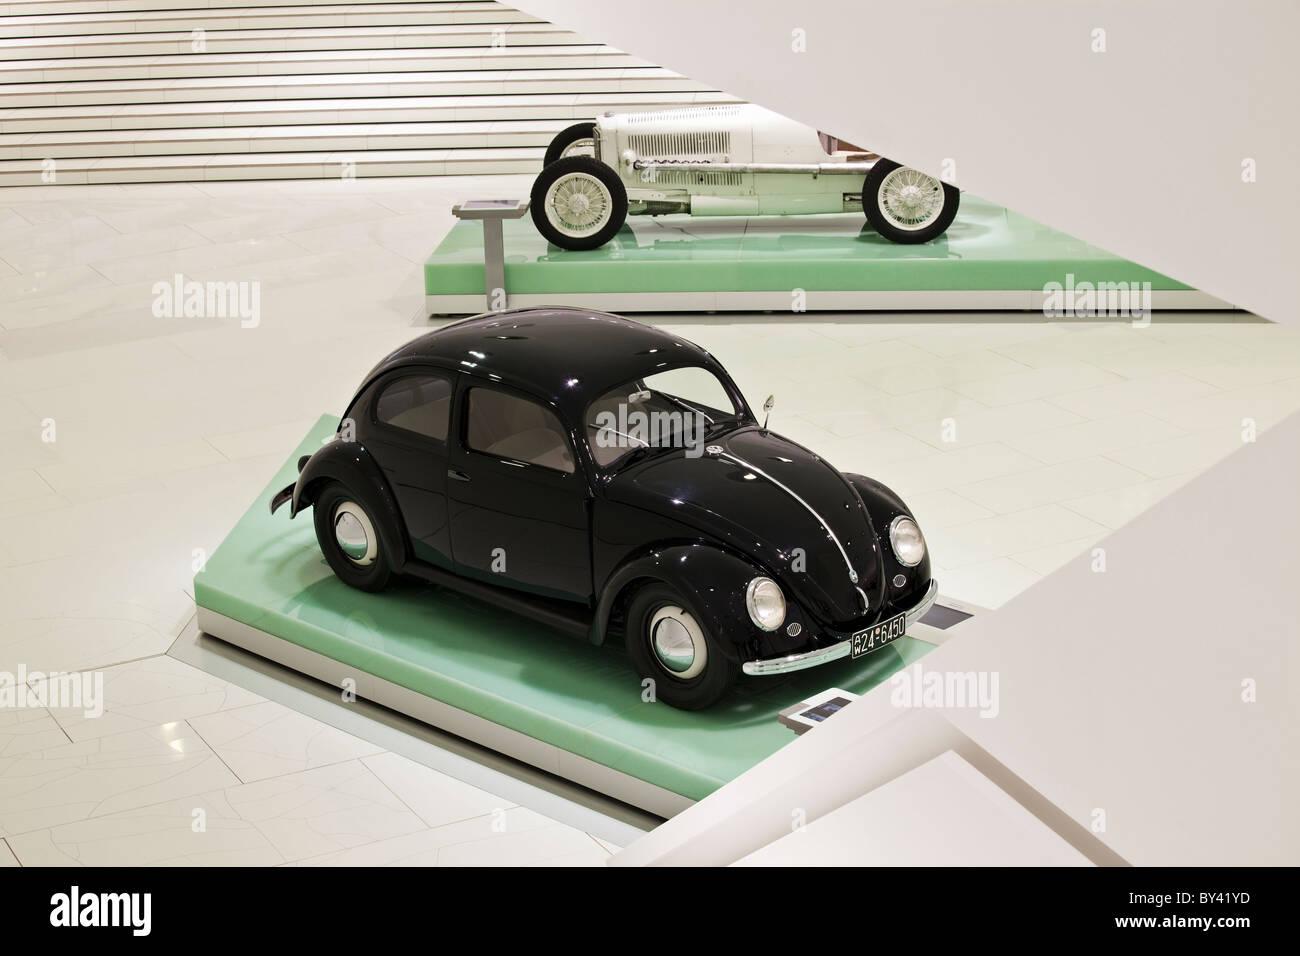 Germany,Stuttgart,Porsche Museum, 1939 Porsche designed Type 1 Volks Wagen - Stock Image